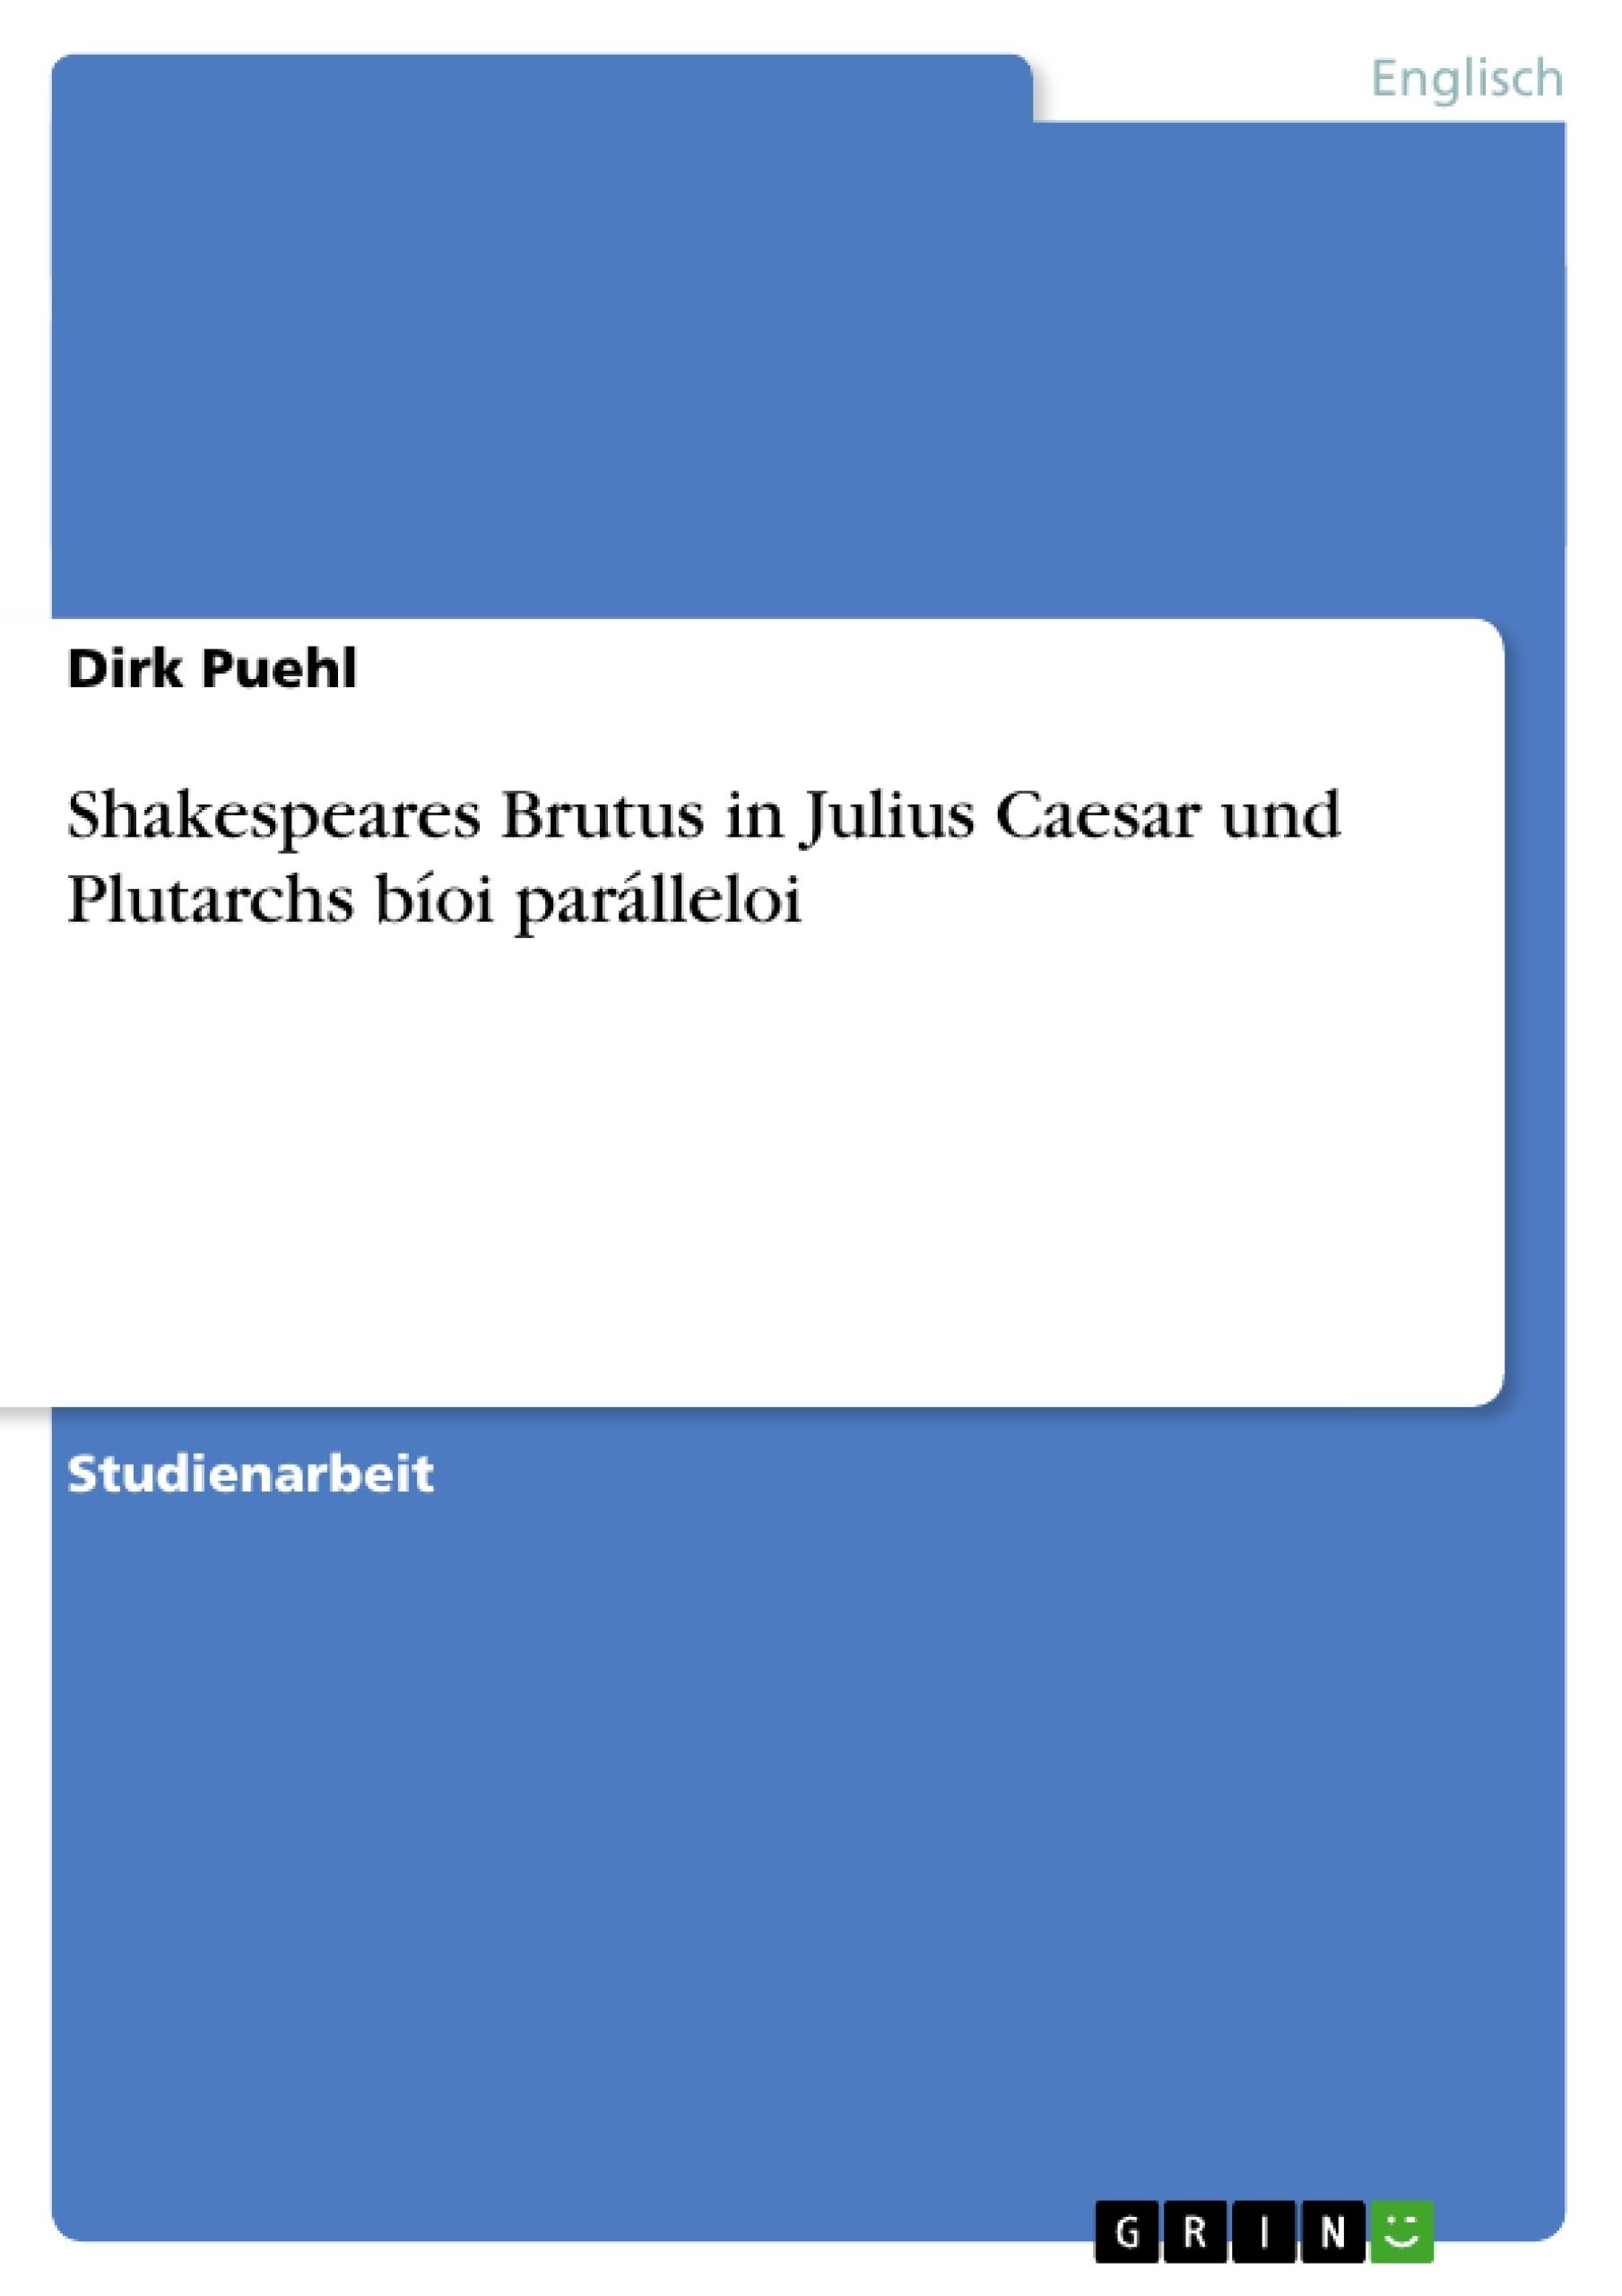 Titel: Shakespeares Brutus in Julius Caesar und Plutarchs bíoi parálleloi